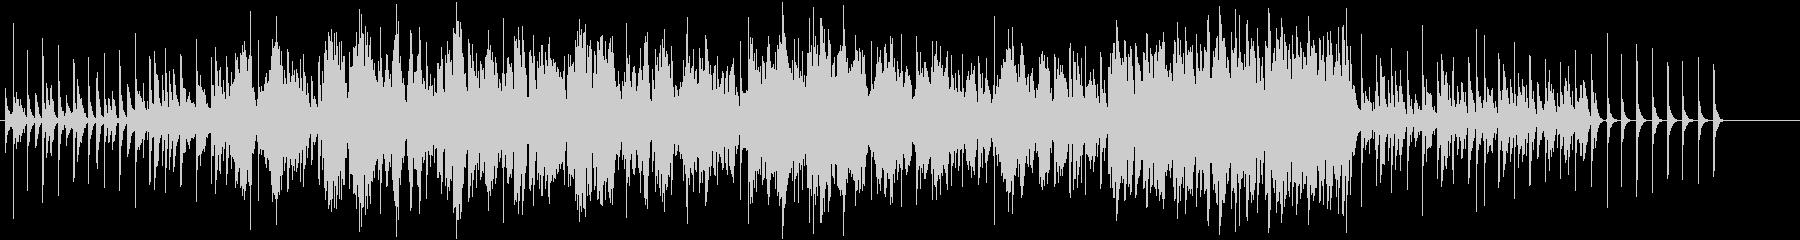 独特なリズムと生ヴァイオリンの怪しげな曲の未再生の波形